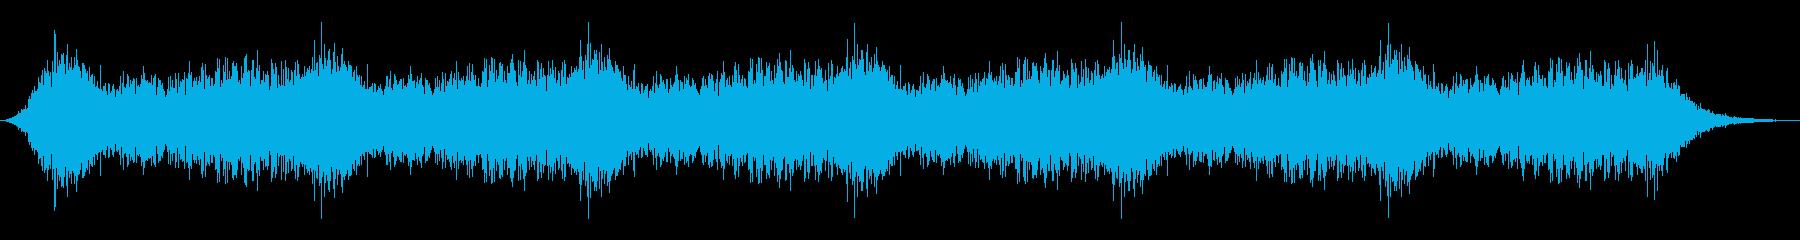 【ホラー系】ホラーゲームに使えるような曲の再生済みの波形